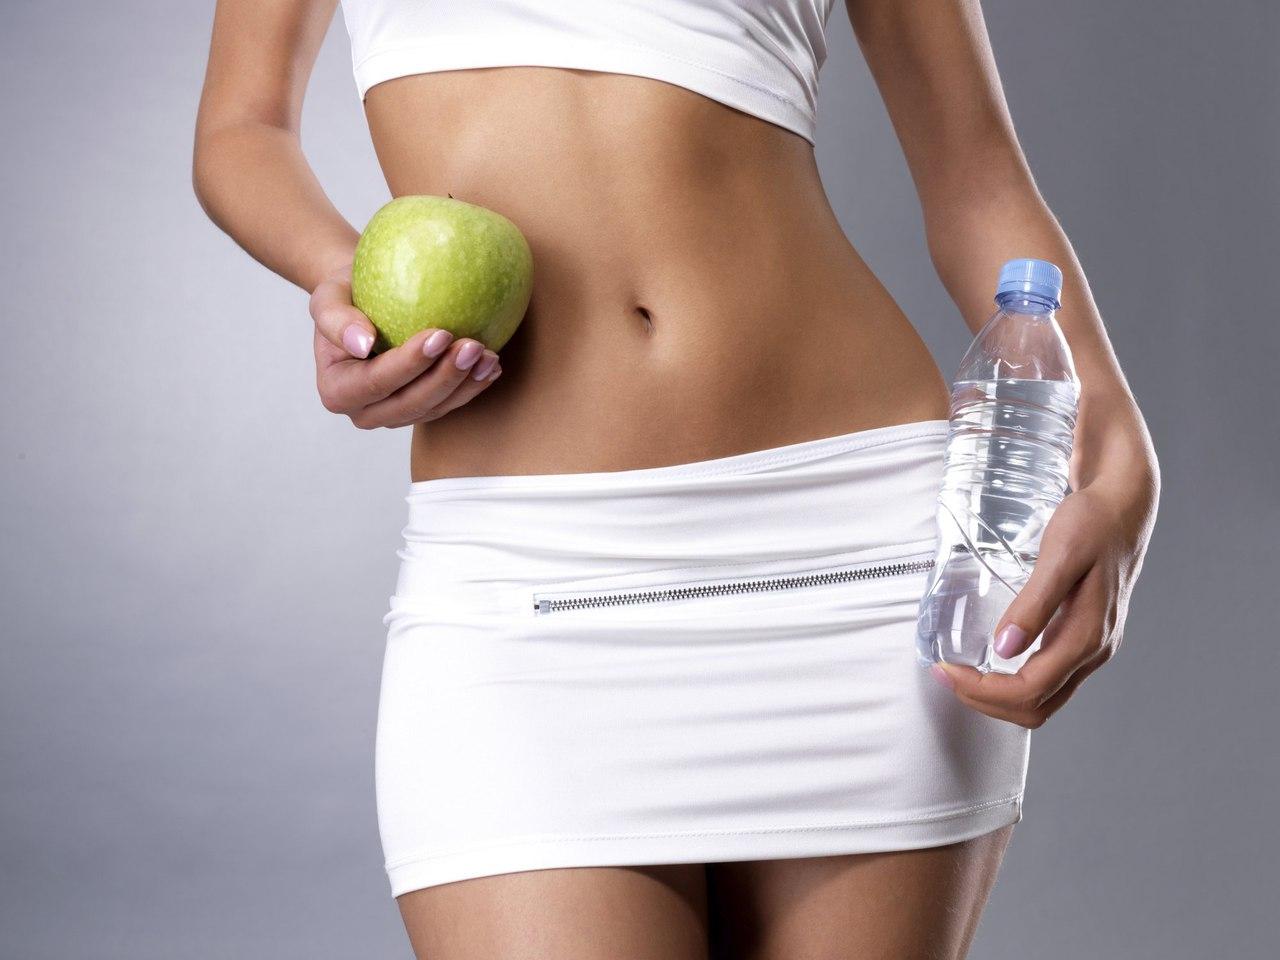 похудела на низкоуглеводной диете